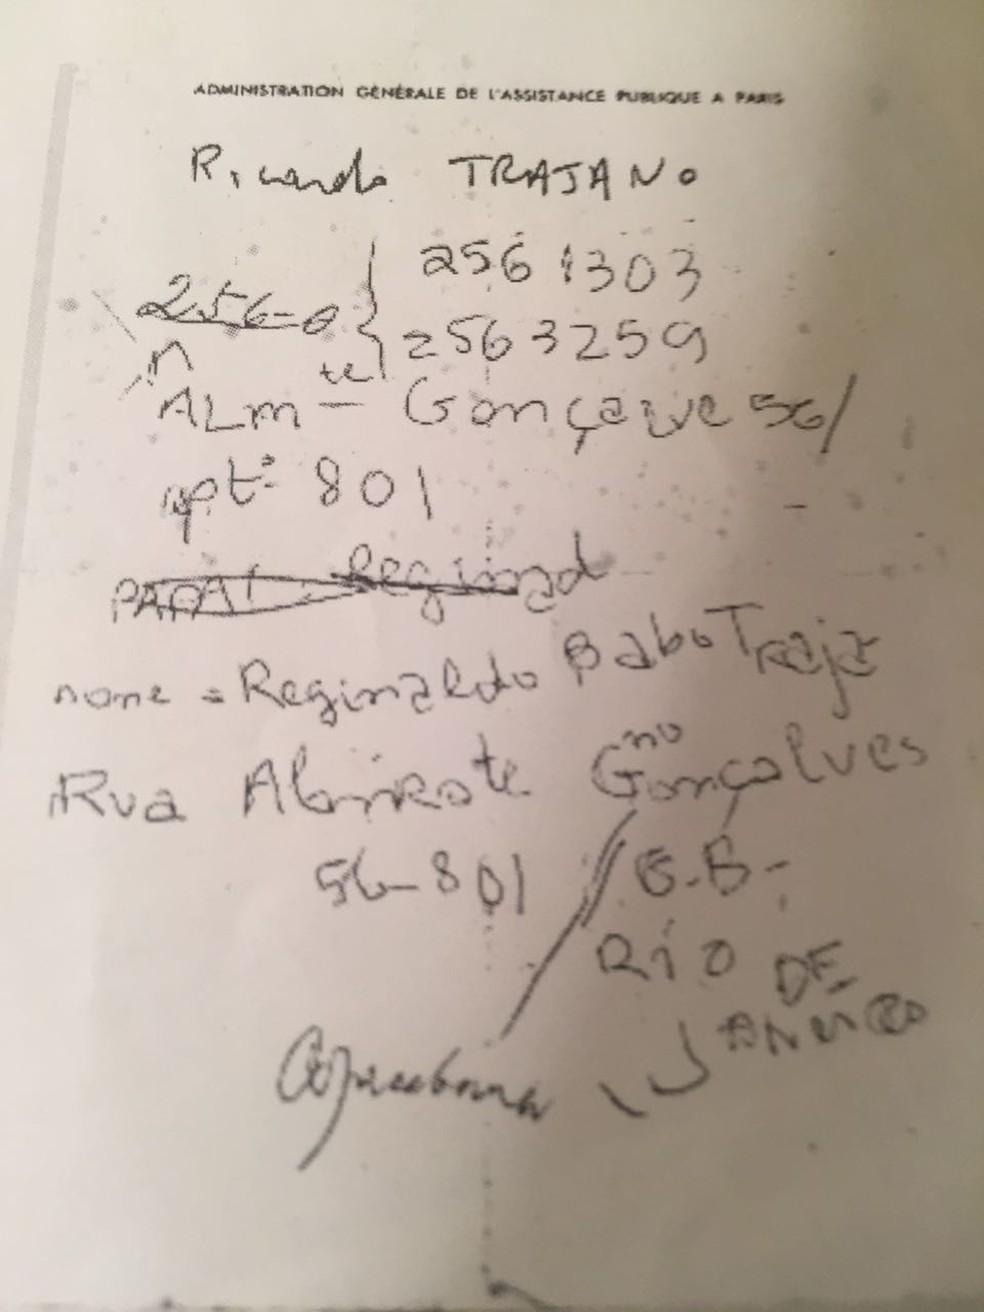 Em bilhete, Ricardo Trajano anotou os dados pessoais enquanto internado em hospital francês (Foto: Arquivo pessoal/Ricardo Trajano)